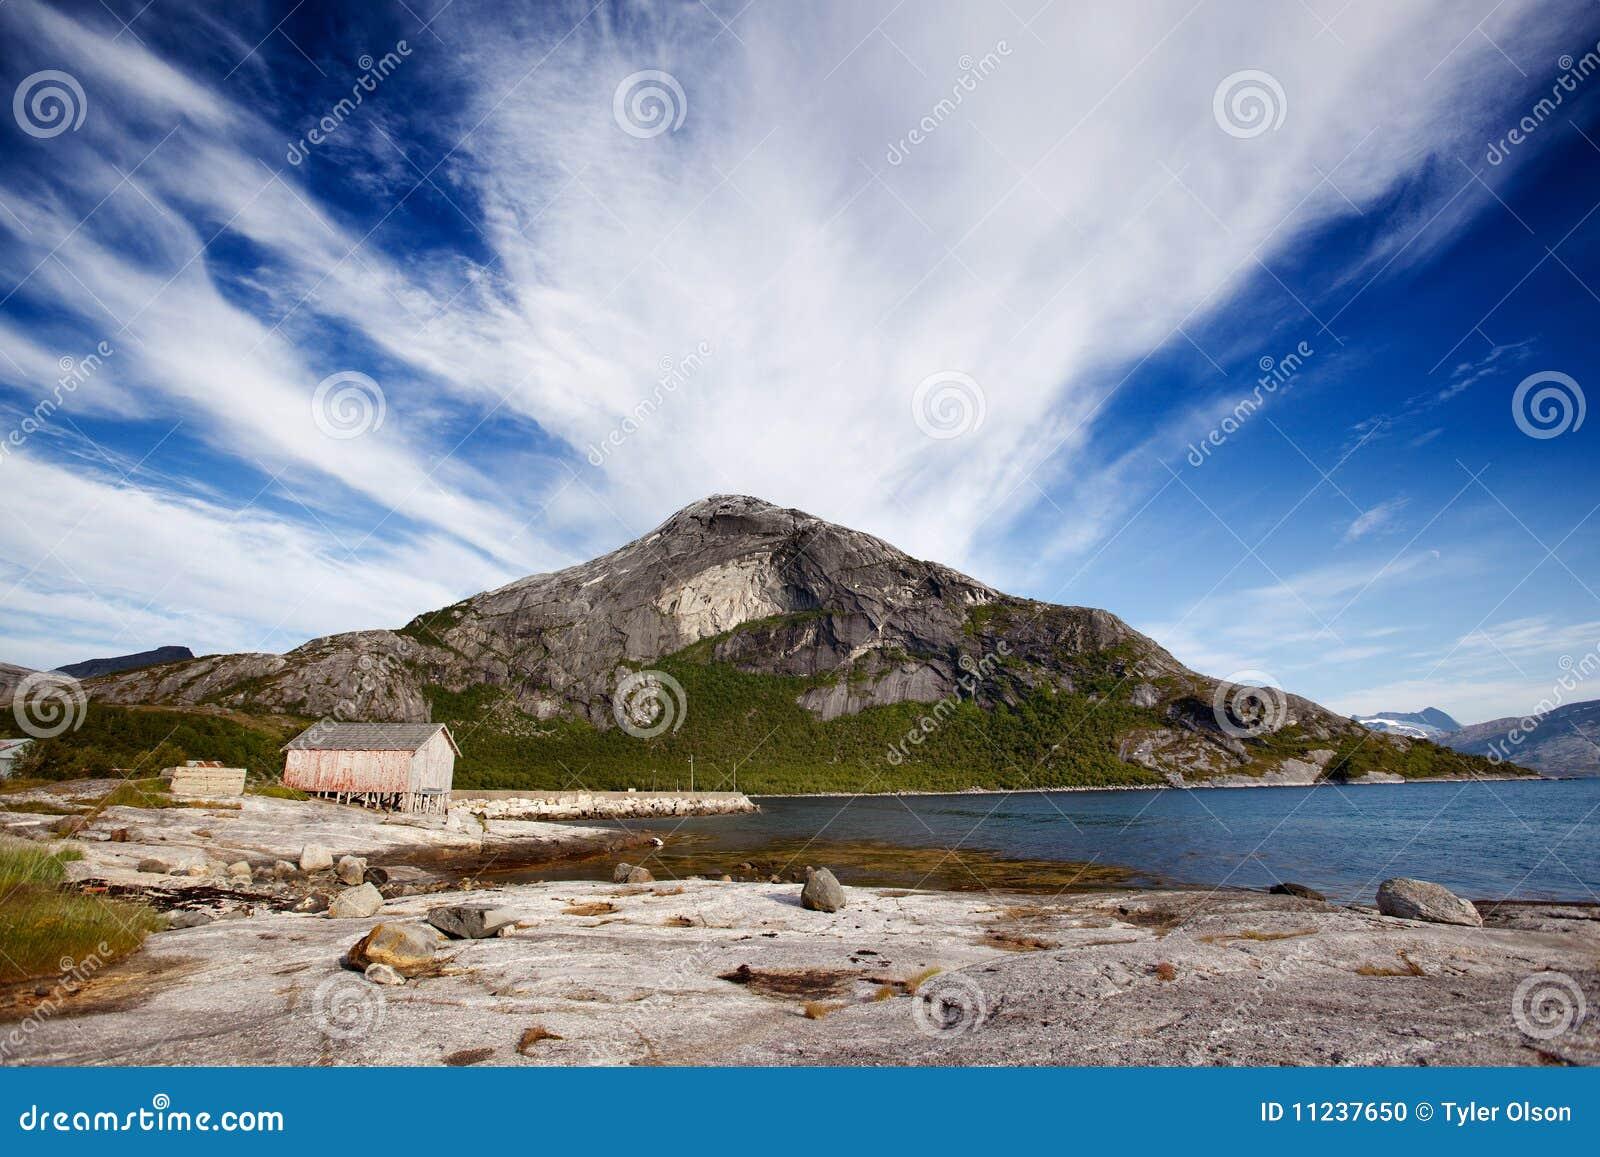 Mountain Norway Coast